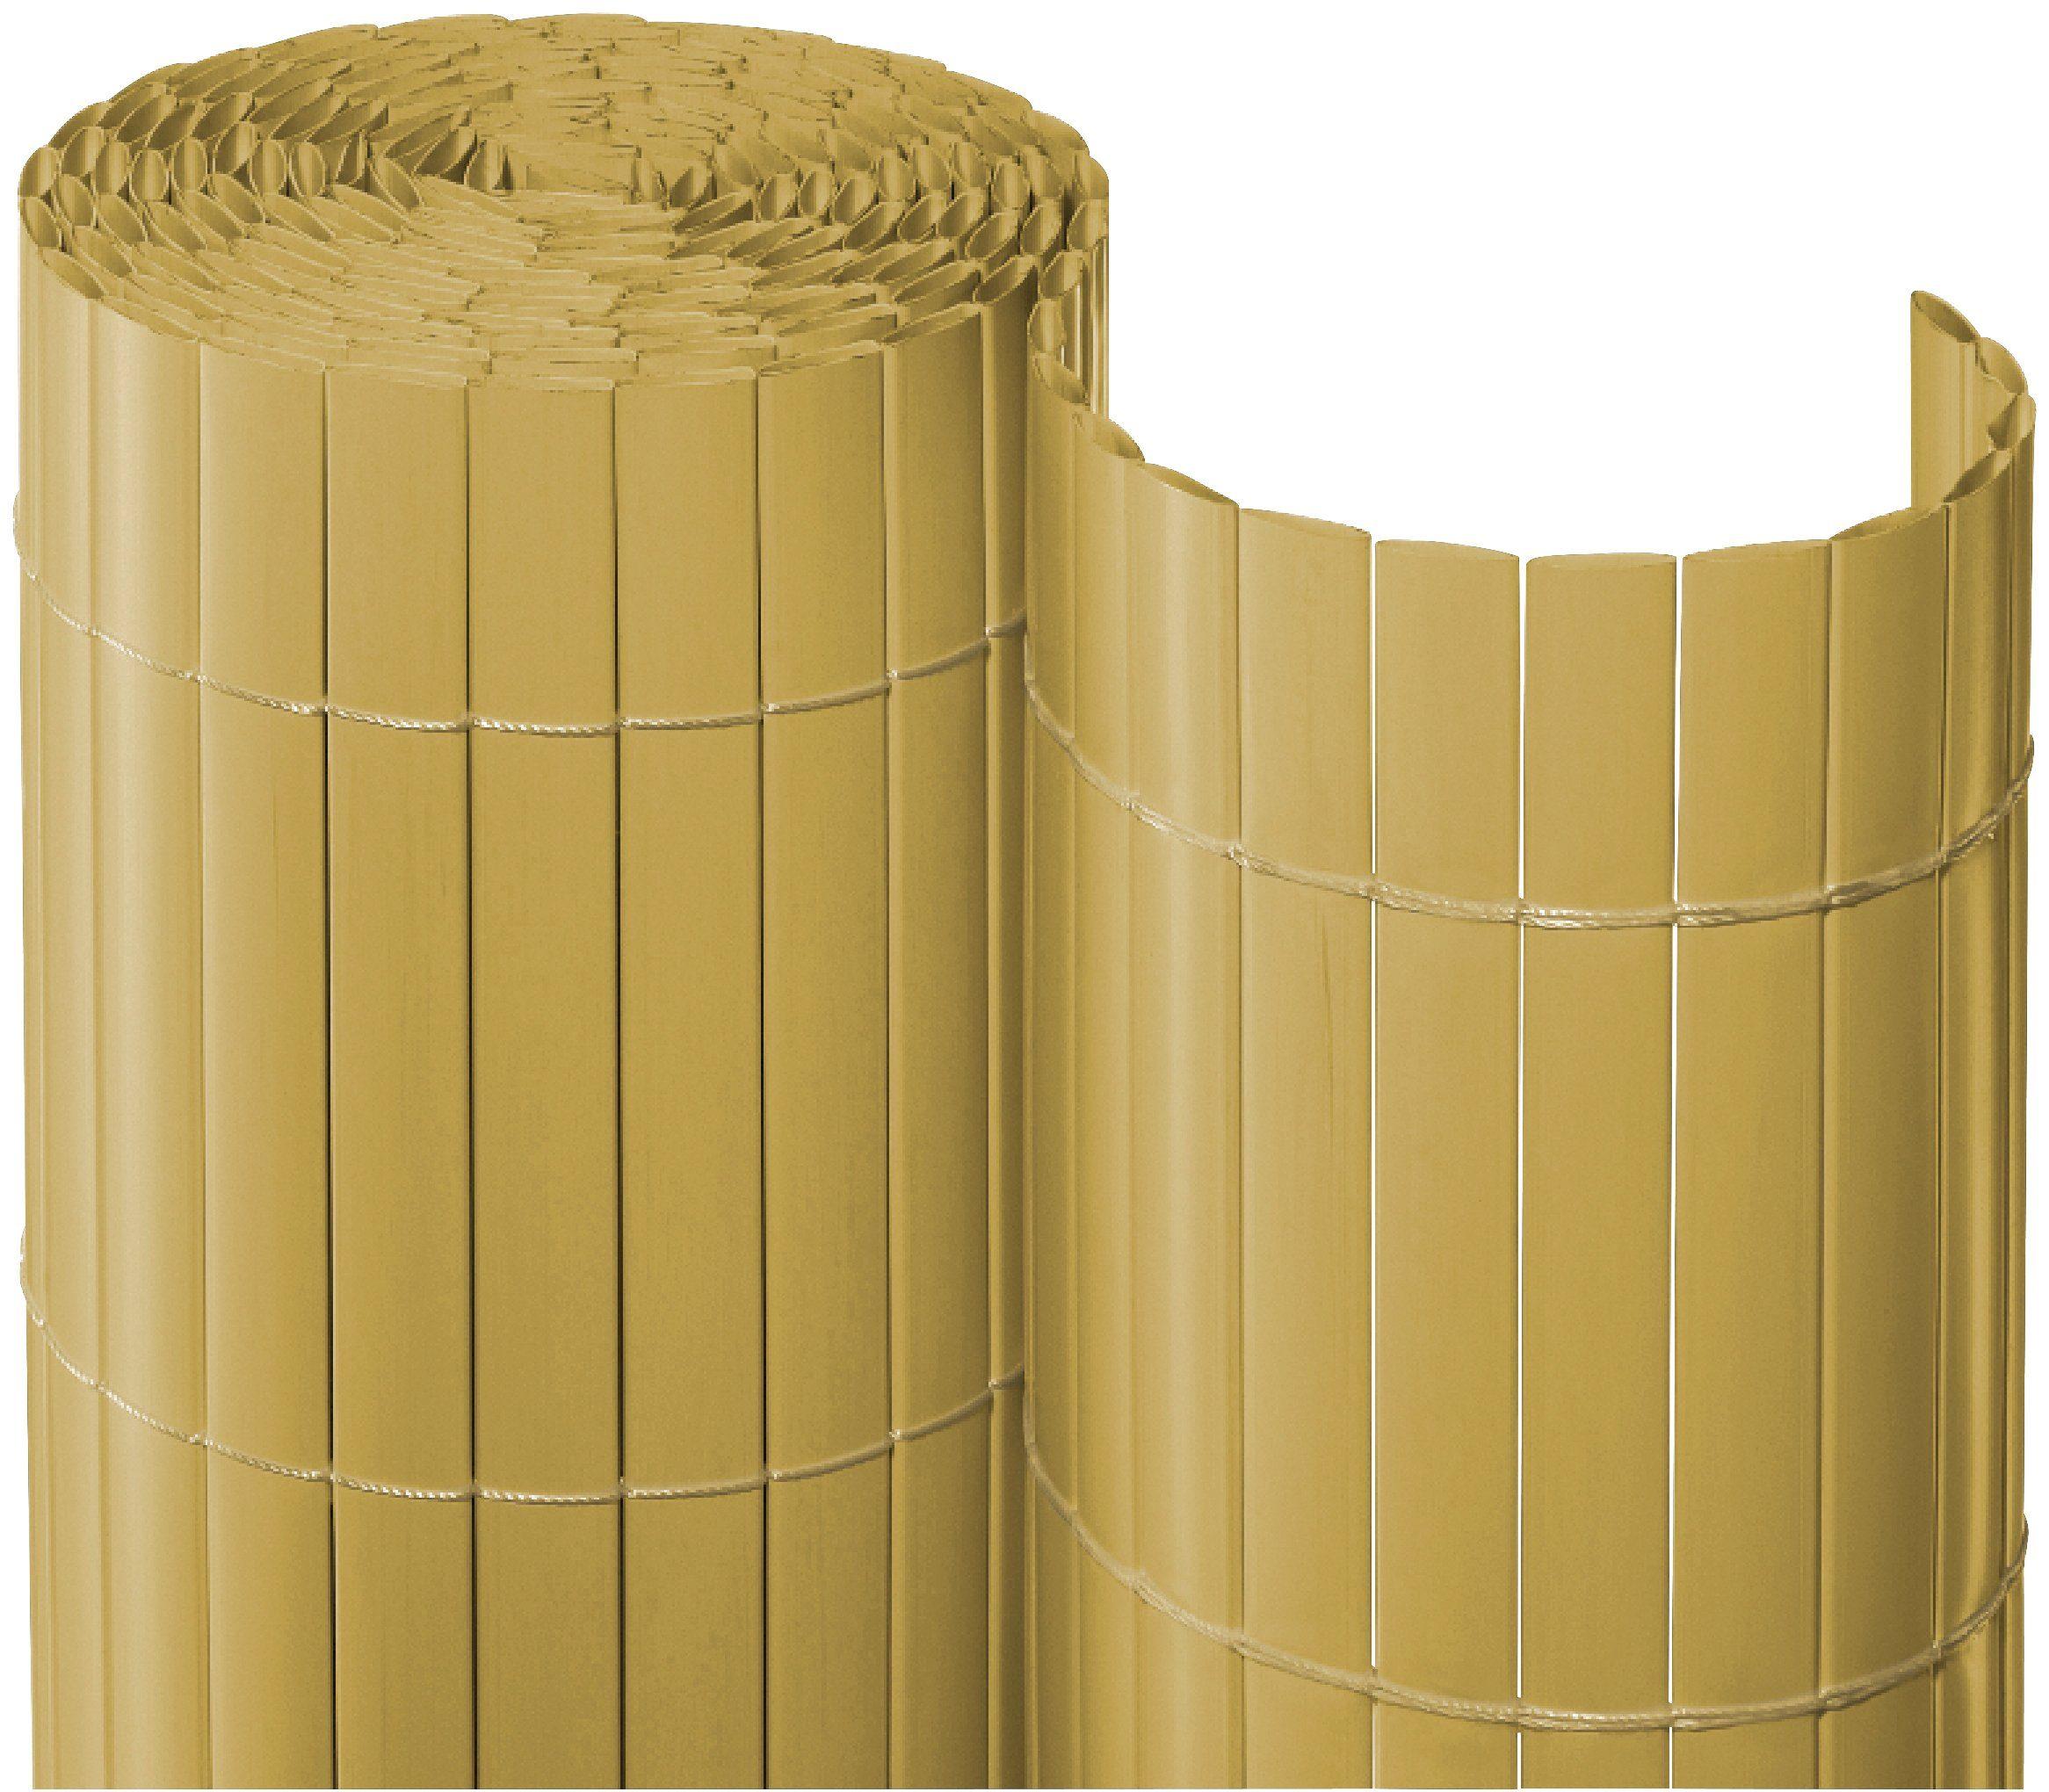 Balkonsichtschutz , BxH: 300x90 cm, bambusfarben